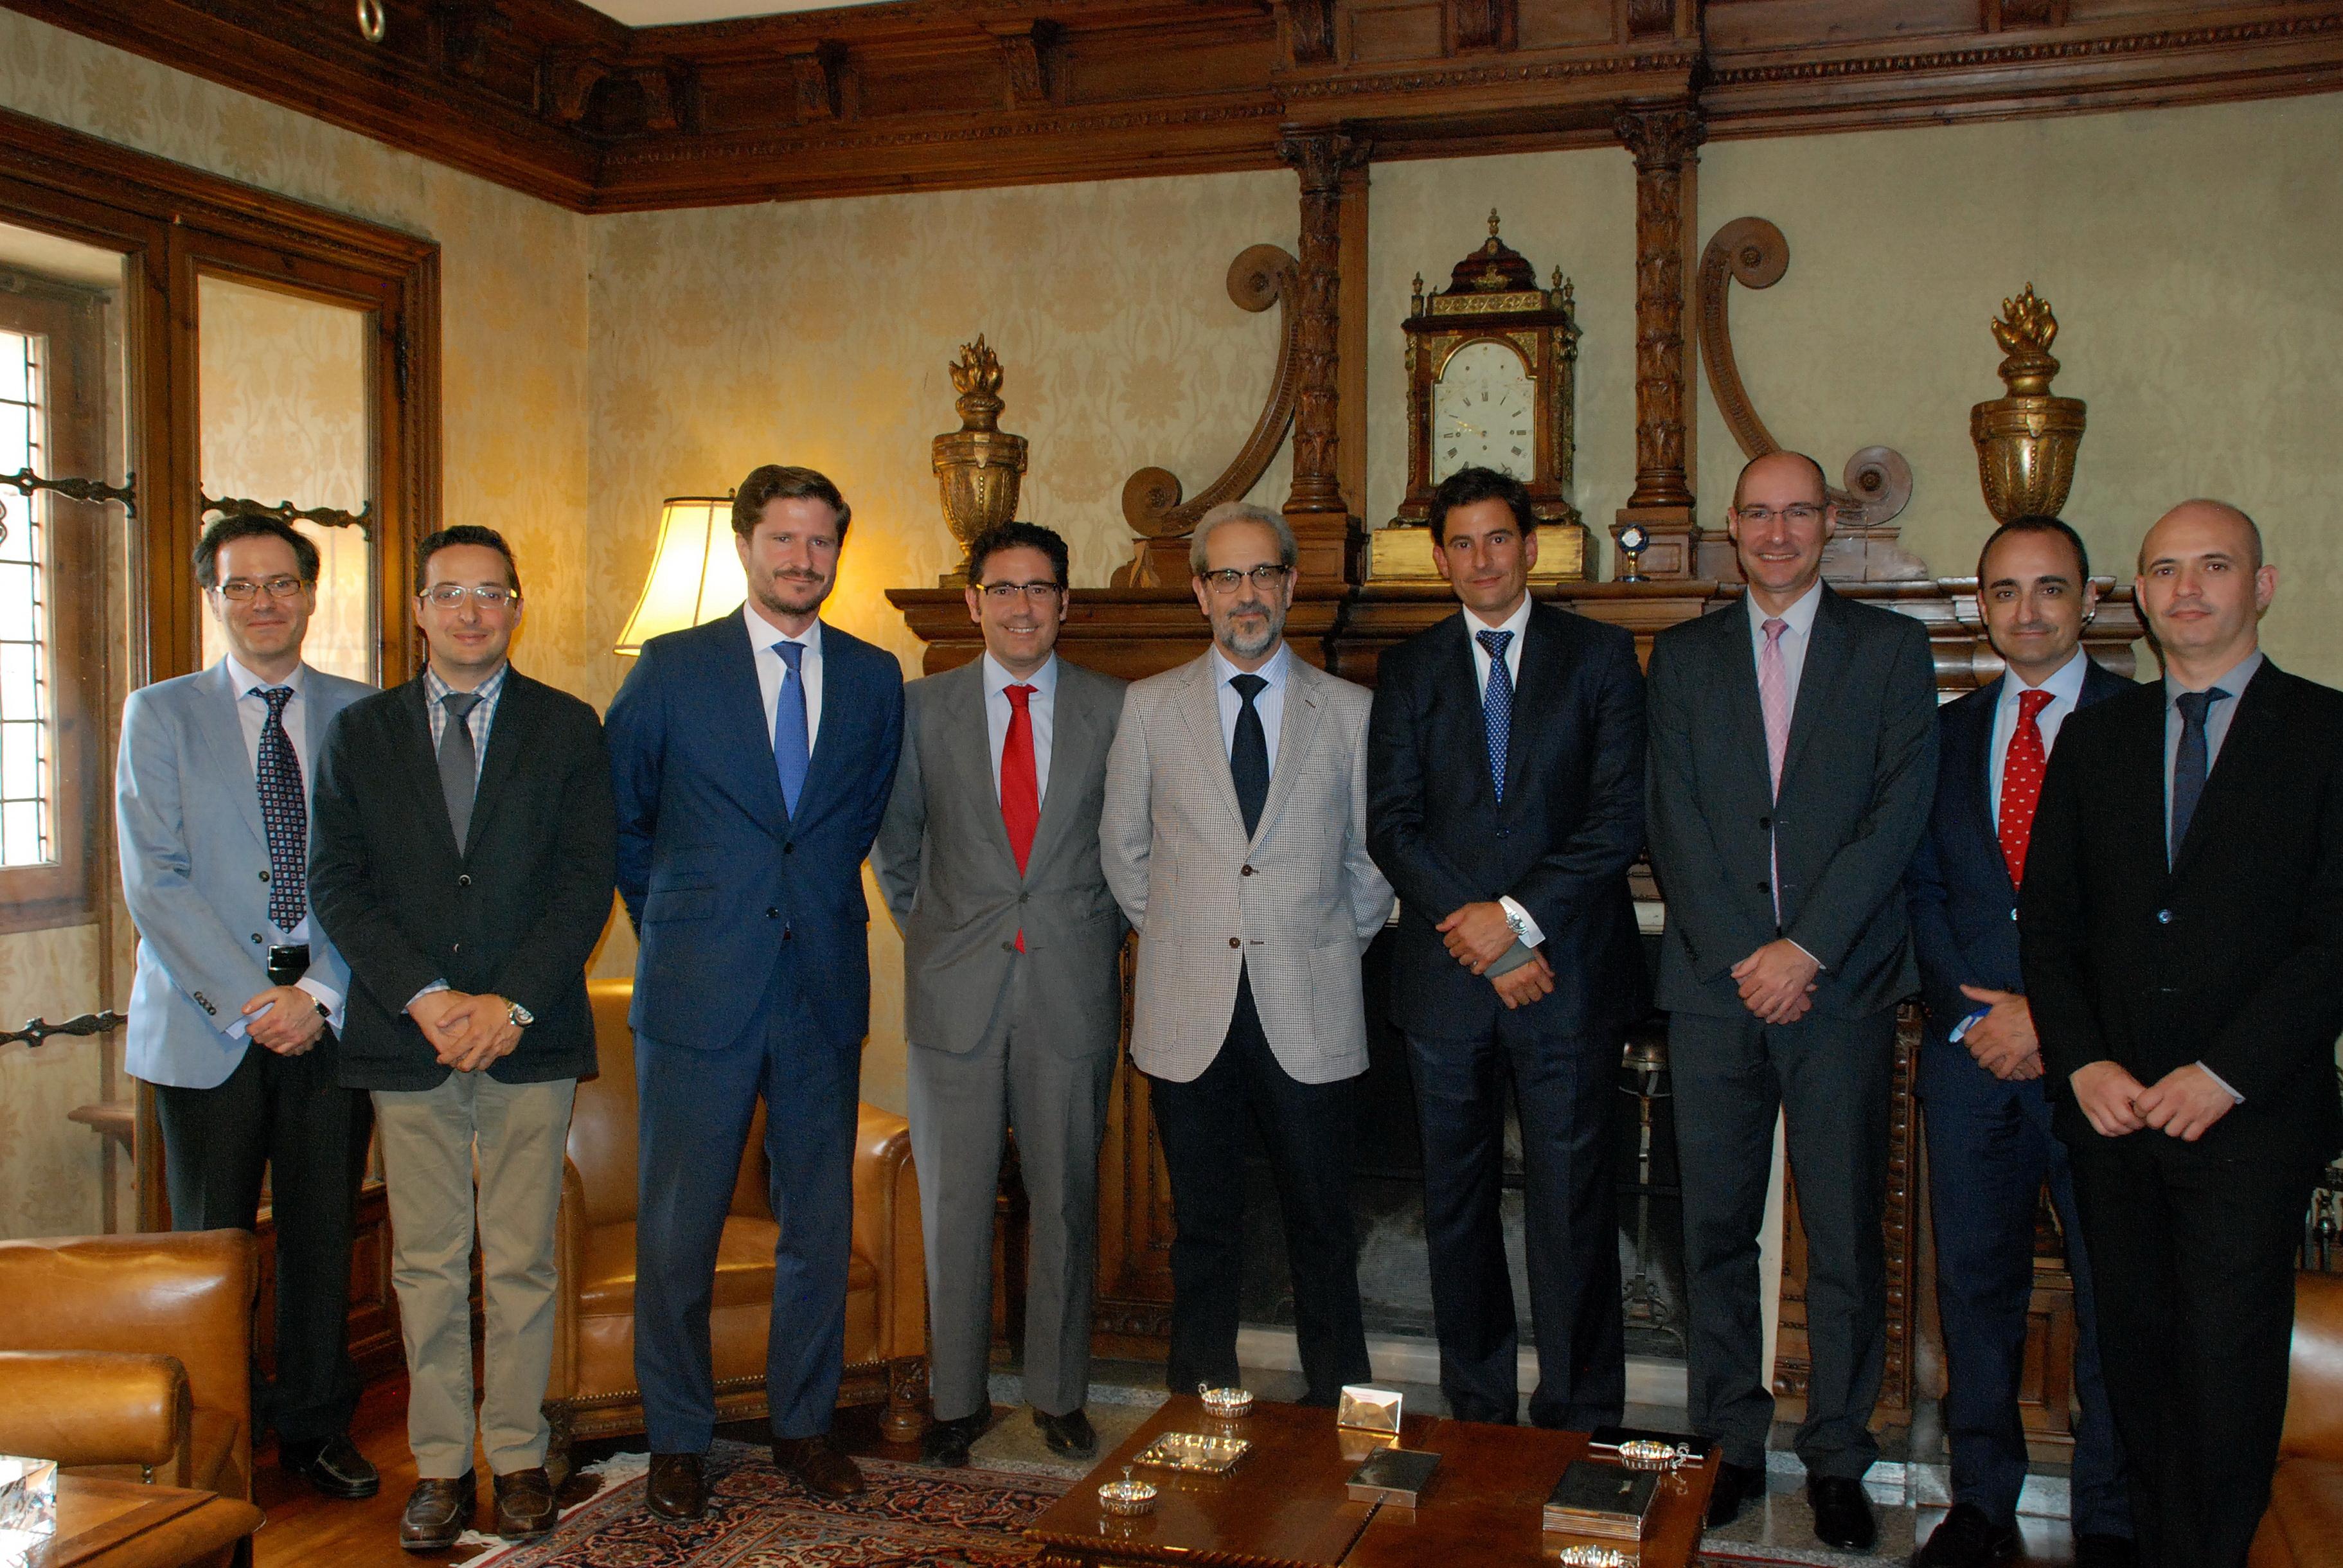 El rector de la Universidad de Salamanca, Daniel Hernández Ruipérez, recibe a directivos de las empresas IBM y Vodafone